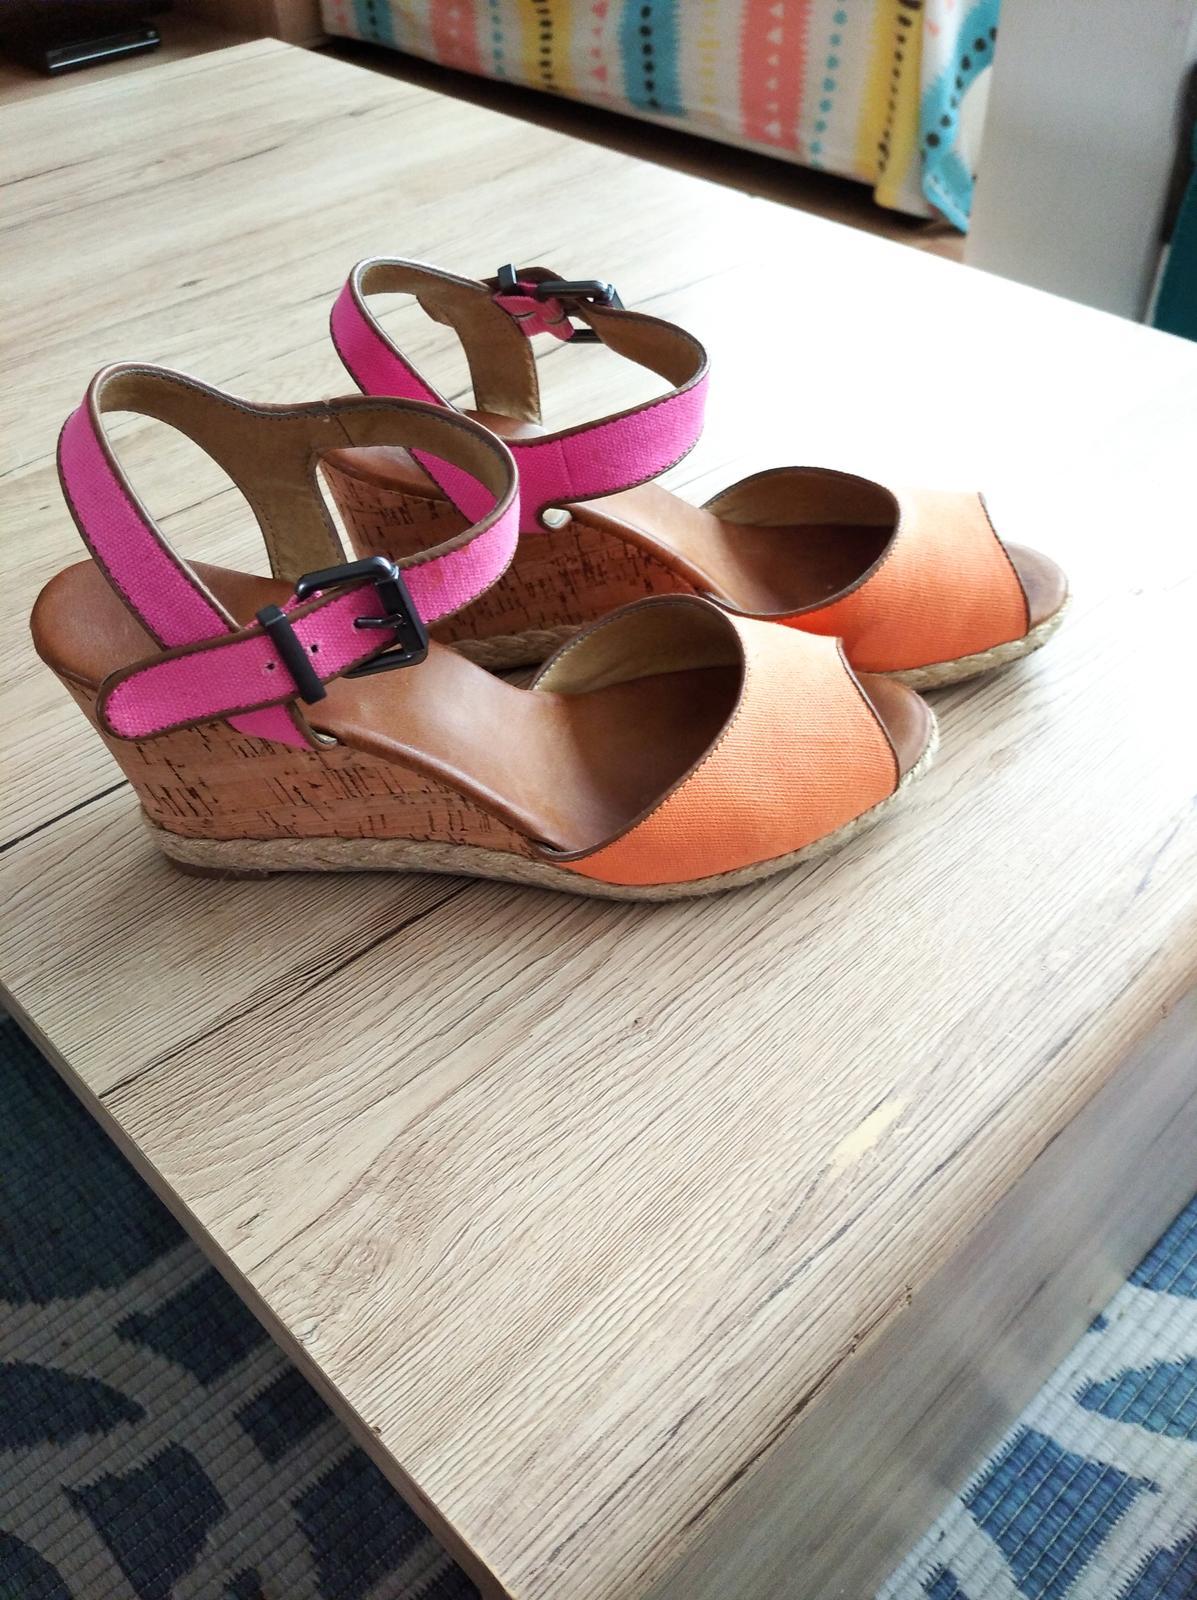 Dámske sandále veľkosť 41 - Obrázok č. 2